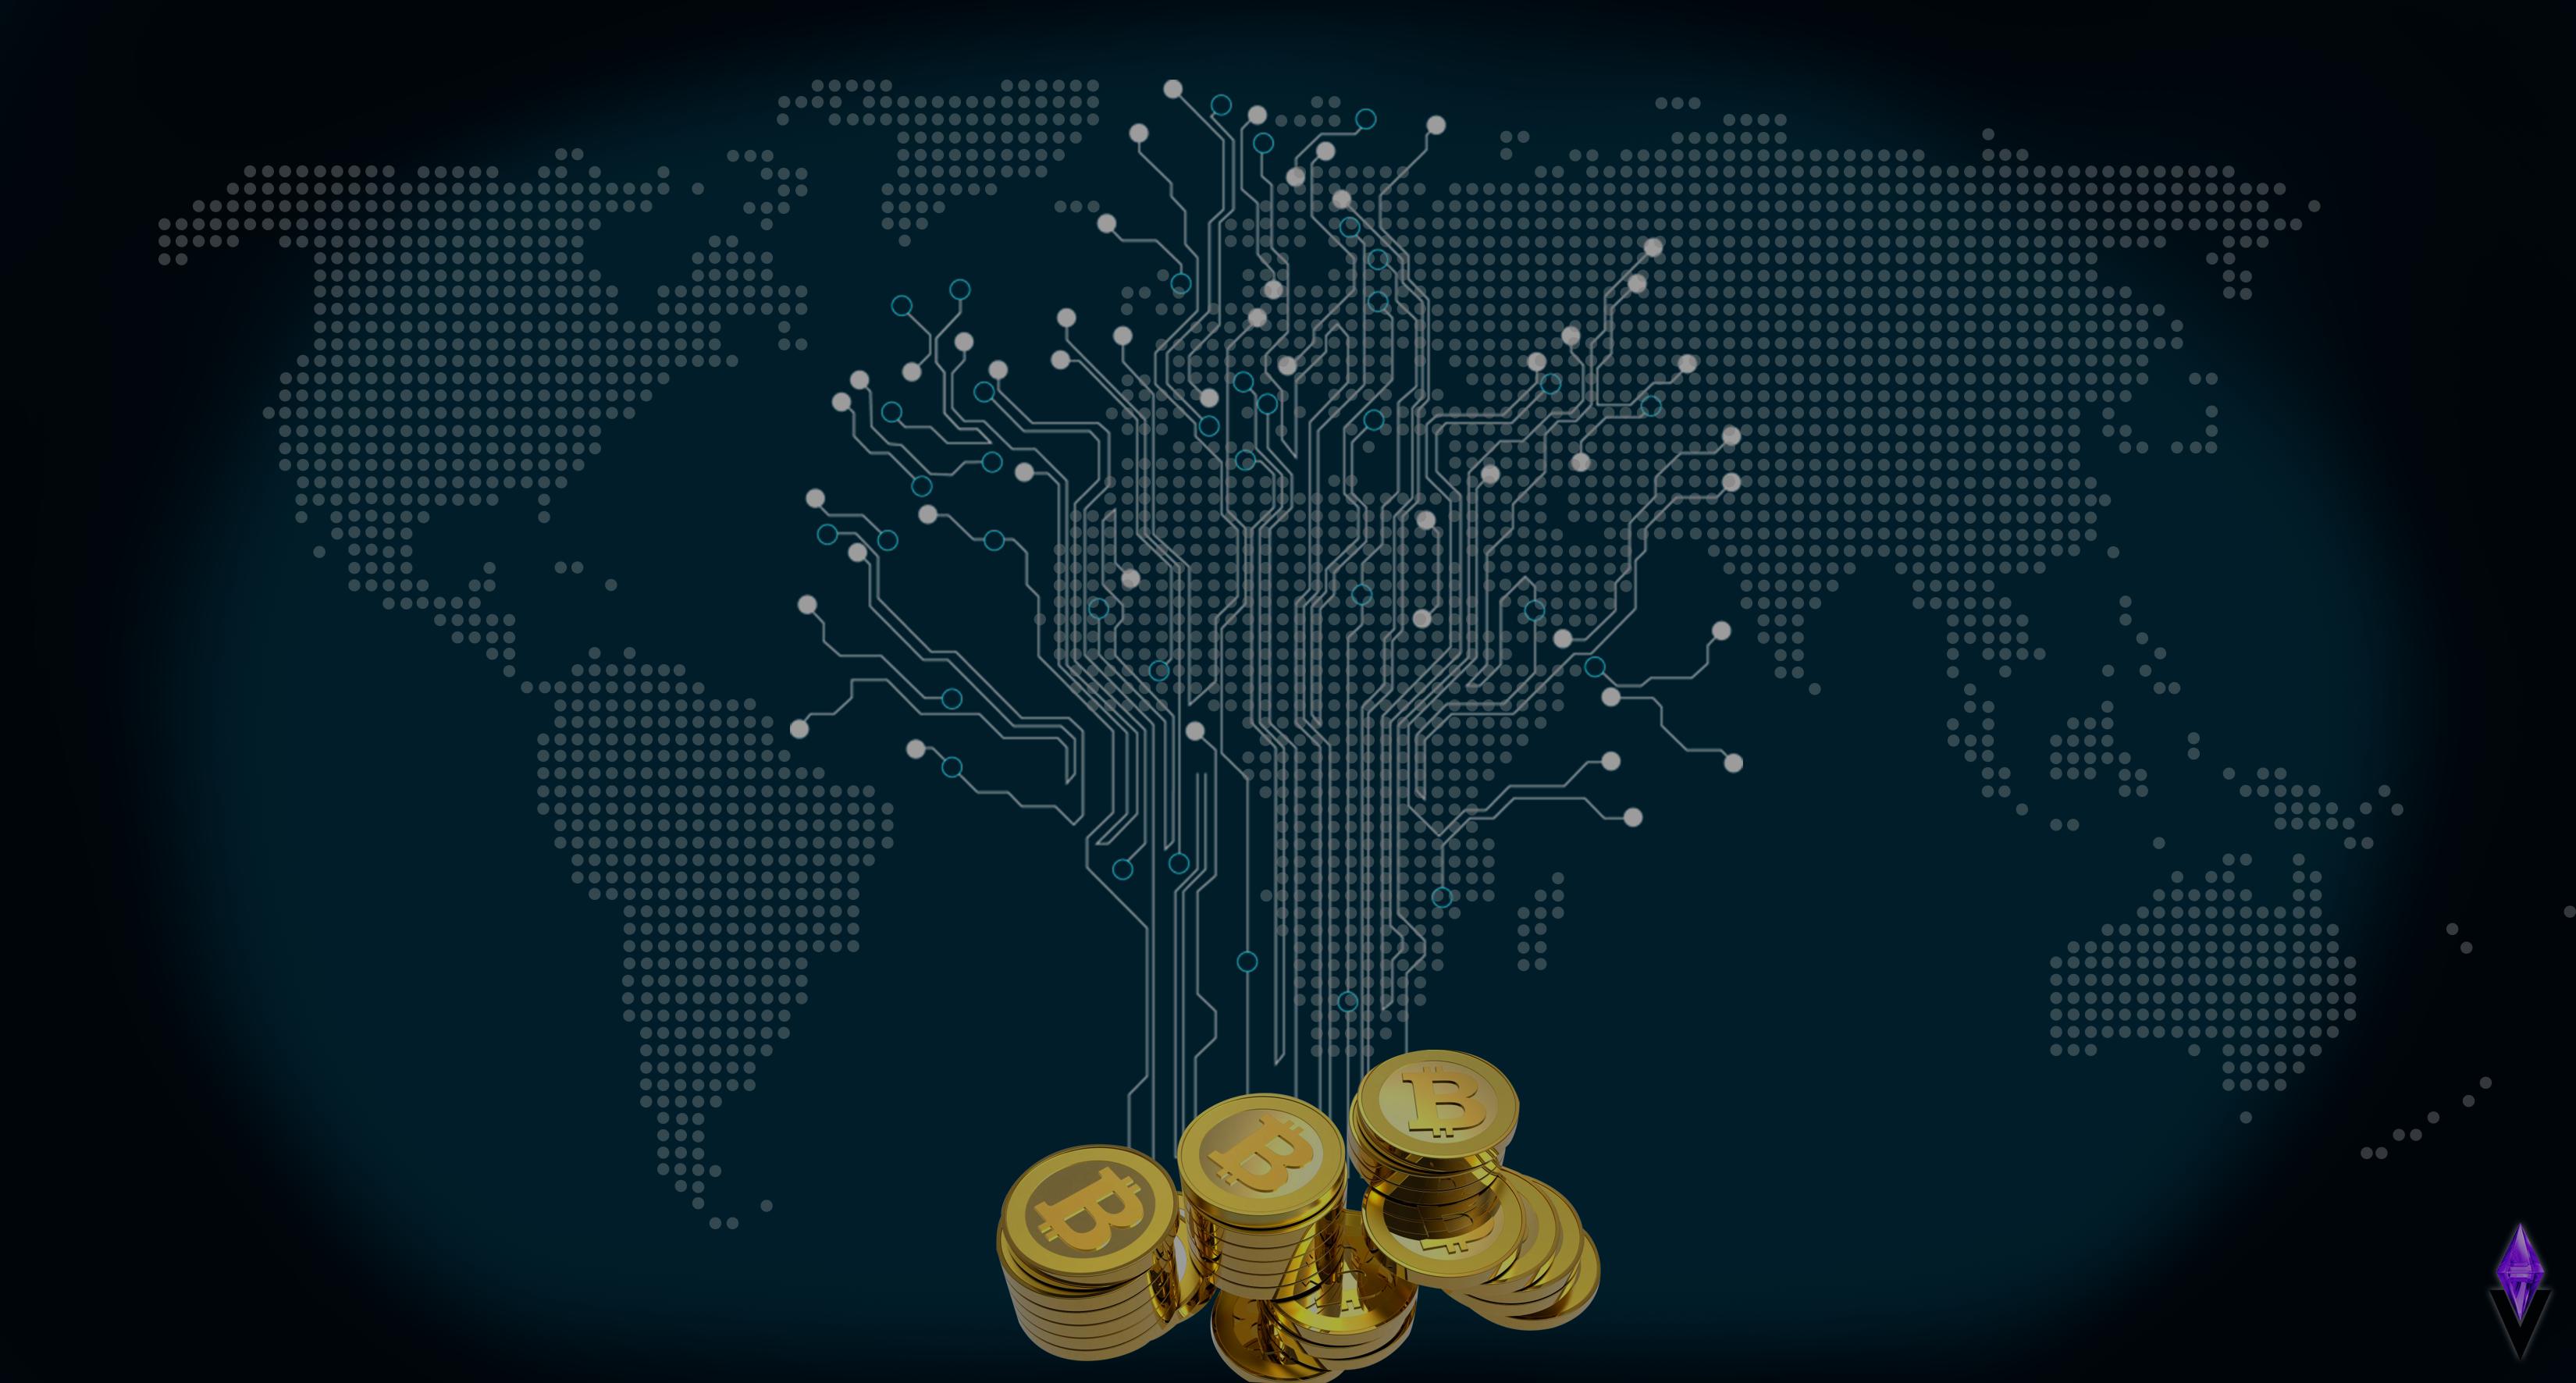 saul-ameliach-especialista-en-nuevos-desarrollos-la-nueva-altcoin-nueva-altcoin-que-surgira-de-una-bifurcacion-de-la-red-bitcoin-noticias